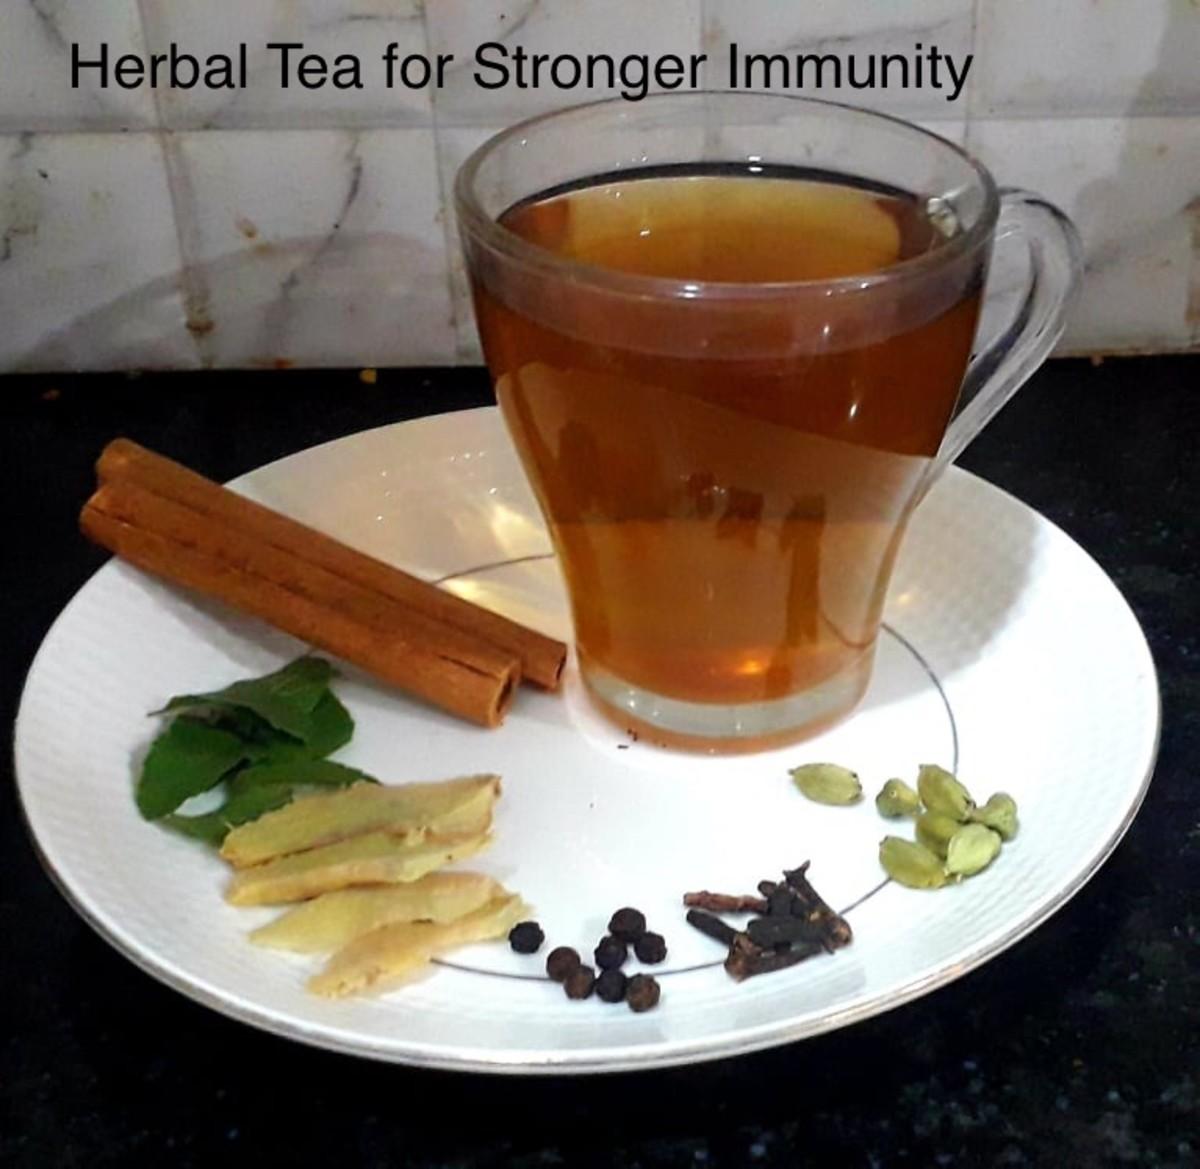 Herbal Tea for Stronger Immunity